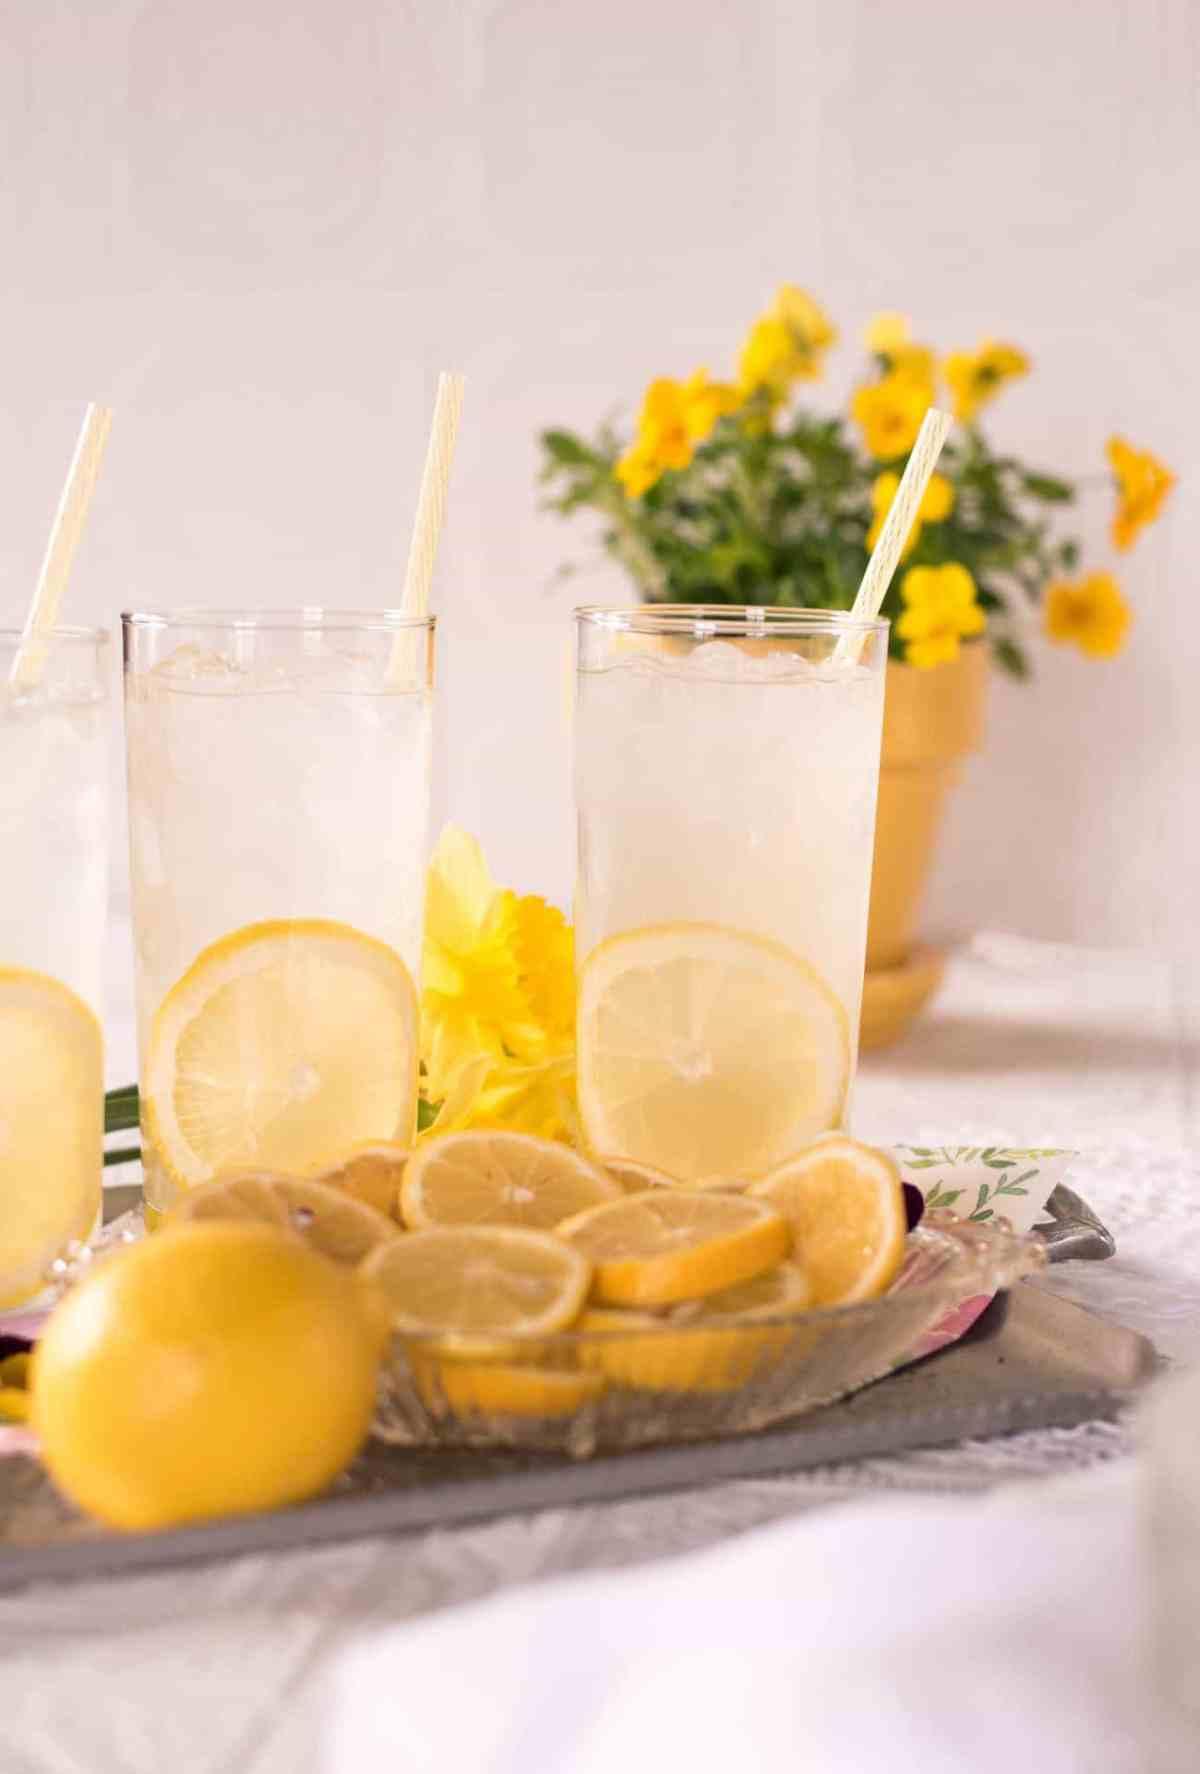 Homemade Traditional Lemonade Recipe